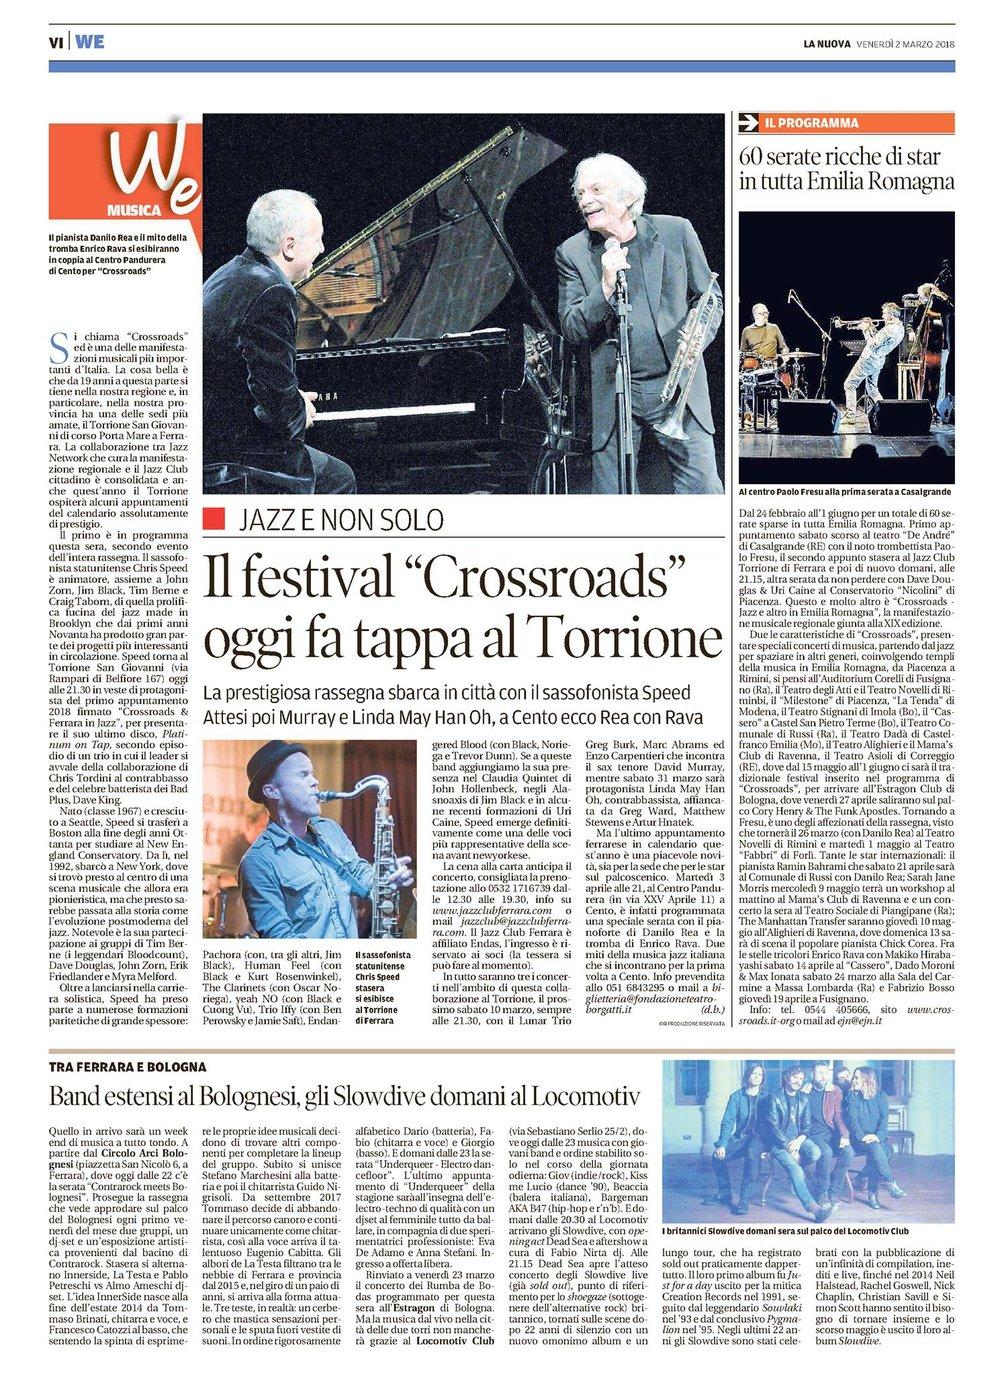 Ferrara2018paper.jpg